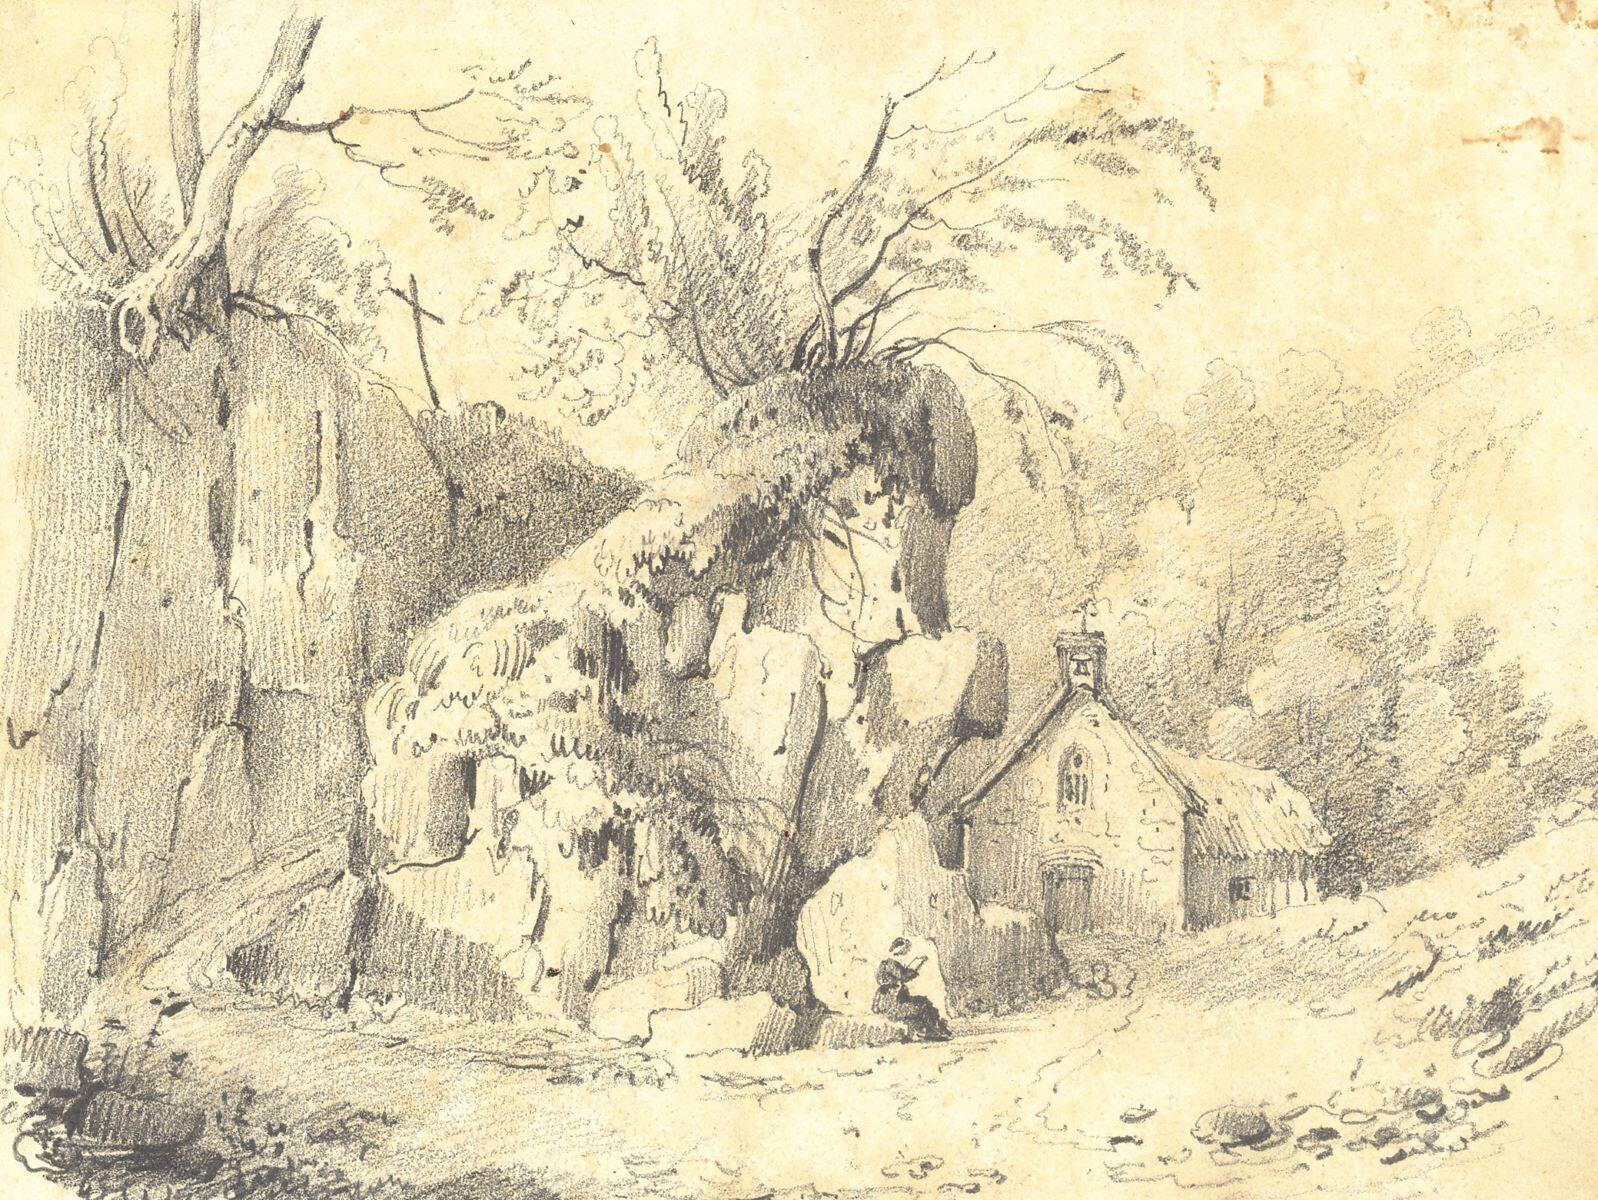 Chemin escarpé avec chapelle, calvaire et jeune femme lisant (titre factice)